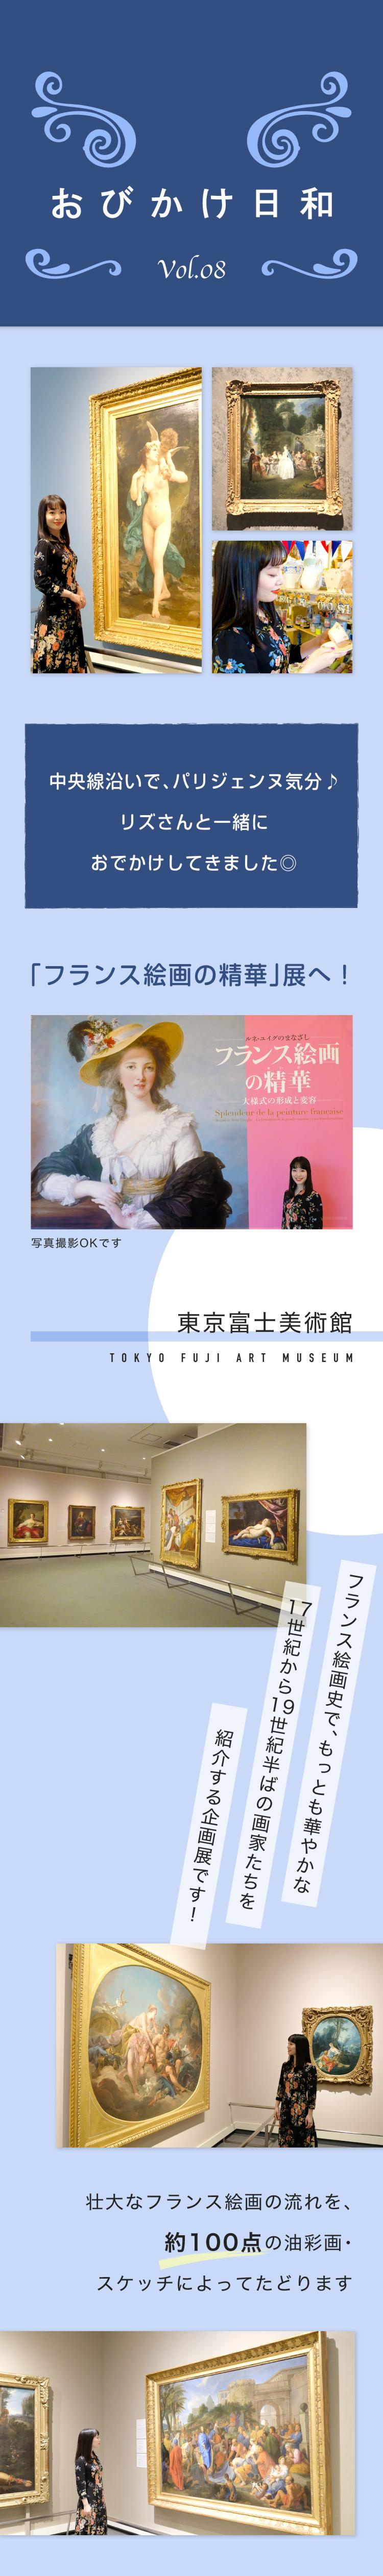 東京富士美術館 フランス絵画の精華